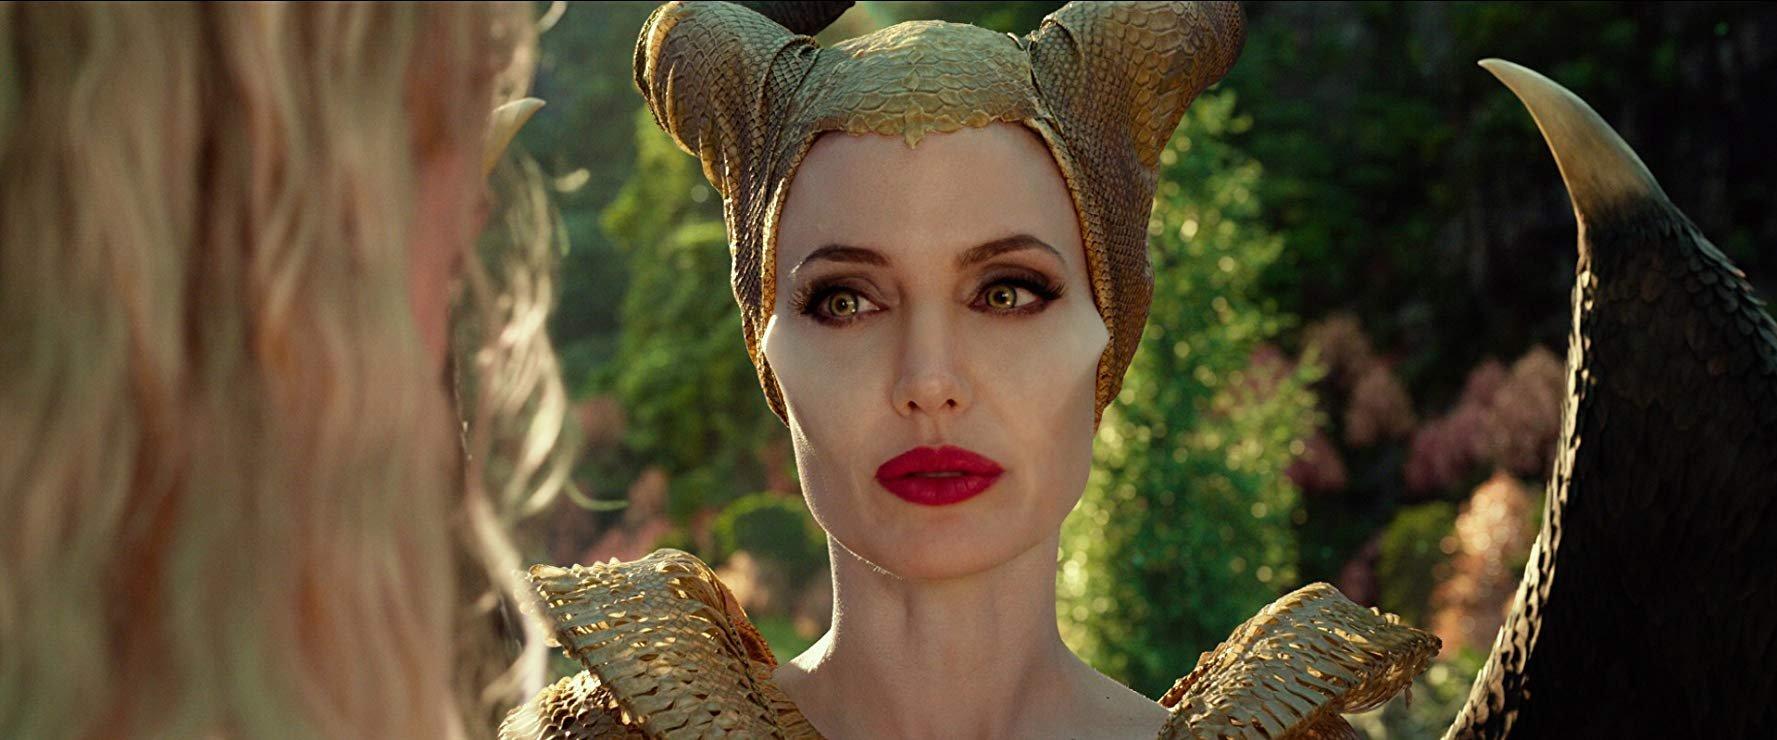 film maleficent 2 online subtitrat in romana 2019